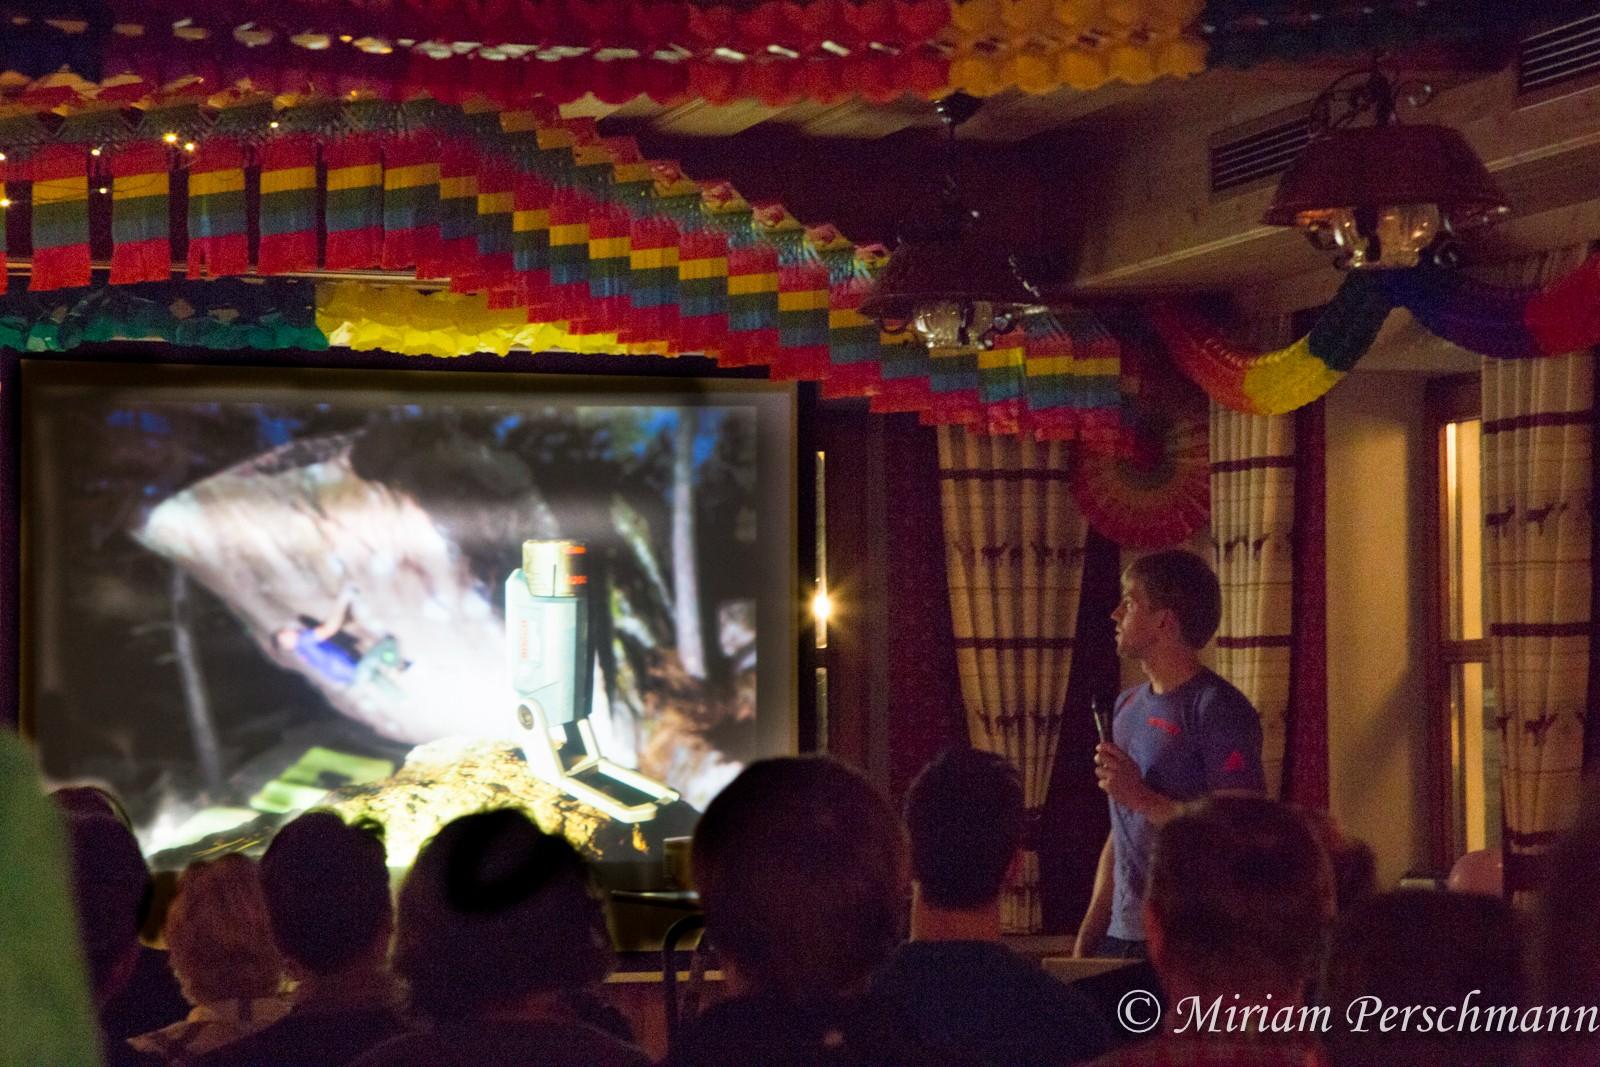 Multivisionshow in Pfaffenhofen an der Ilm 14.01.2016